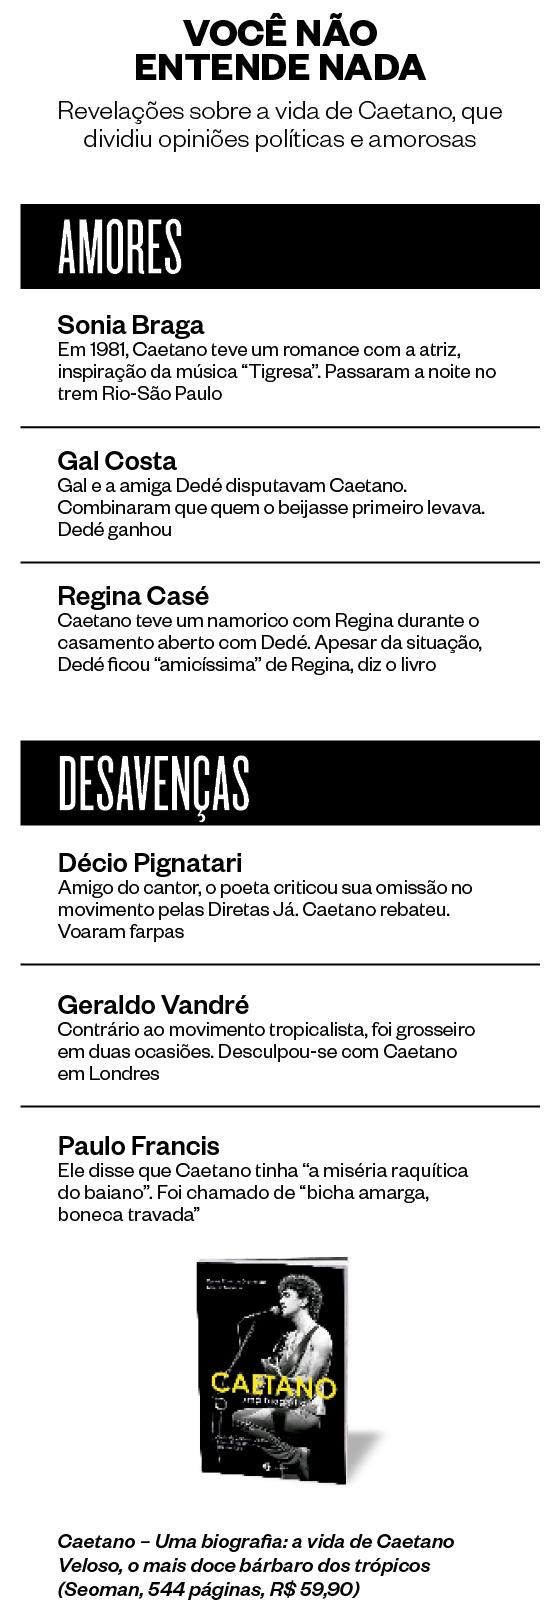 VOCÊ NÃO ENTENDE NADA Revelações sobre a vida de Caetano, que dividiu opiniões políticas e amorosas (Foto: Divulgação)